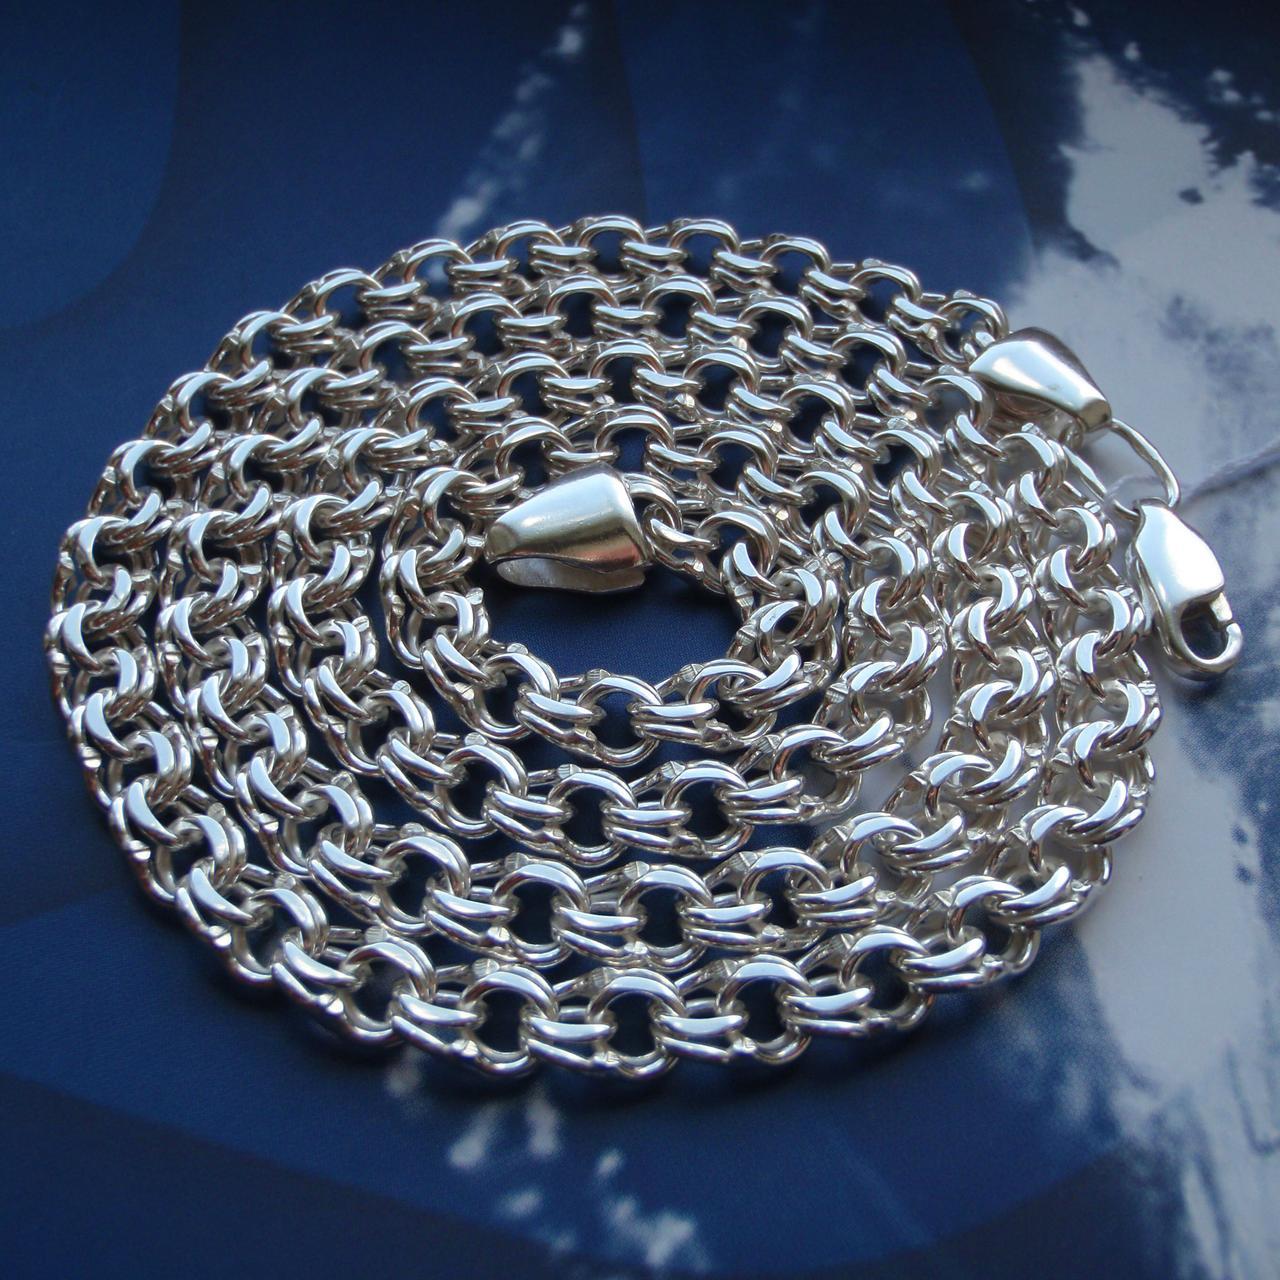 Срібна ланцюжок, 600мм, 25 грам, Бісмарк, світле срібло